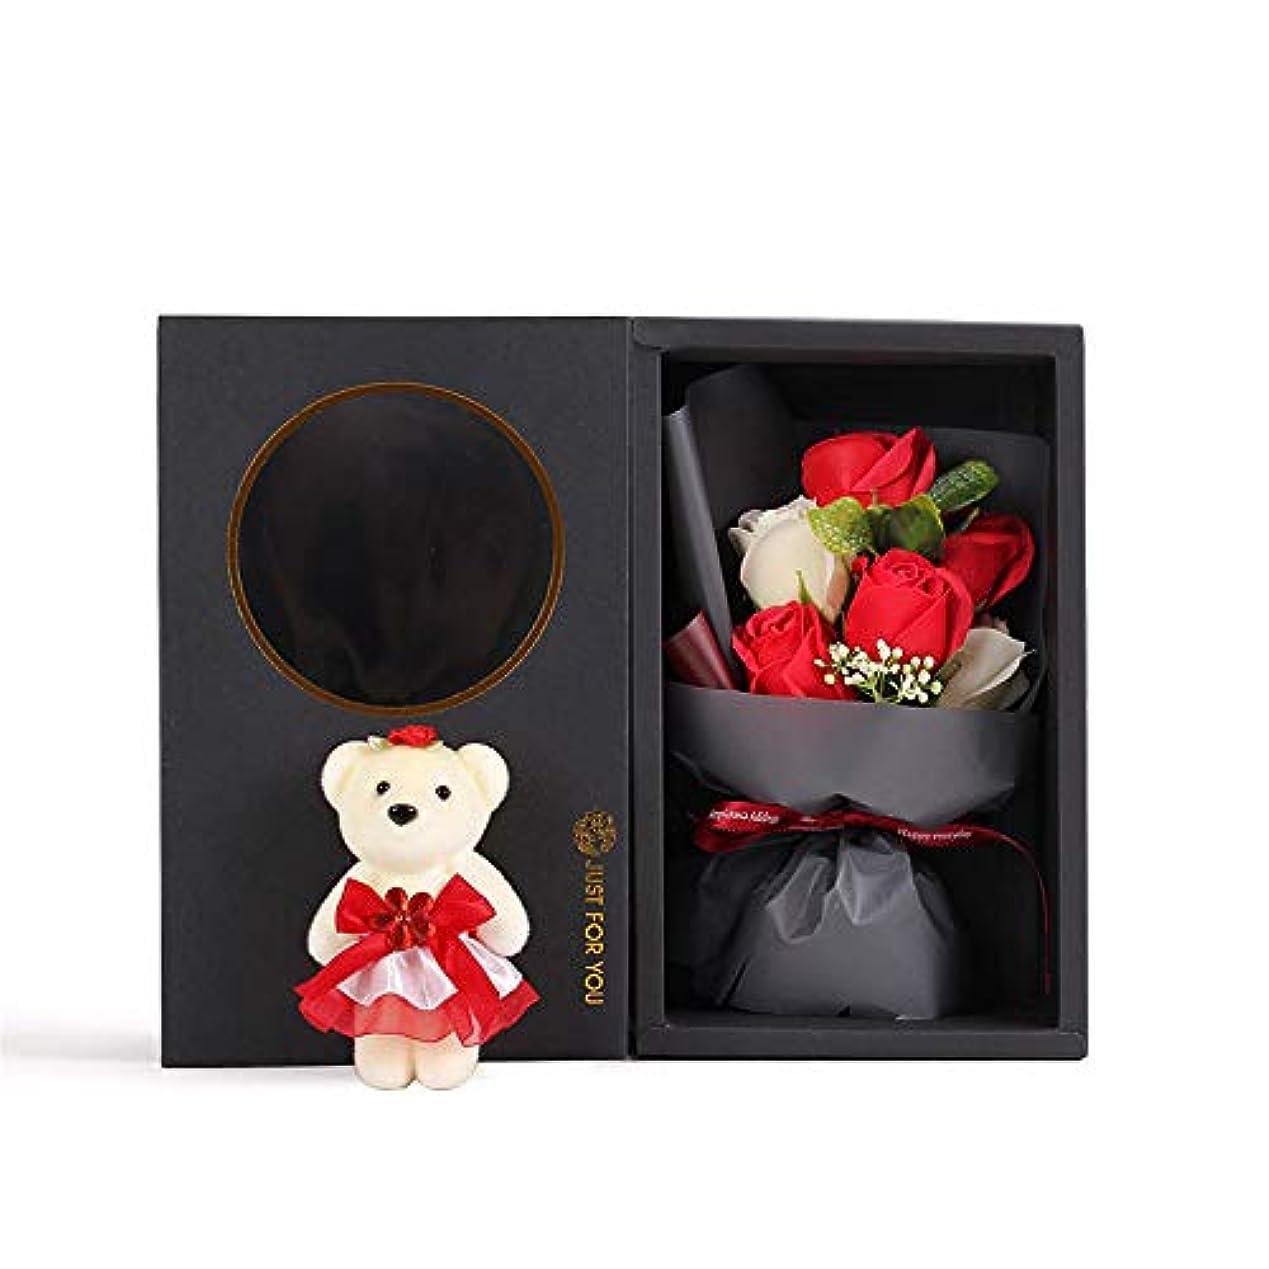 リラックス最高努力する手作り6石鹸花の花束ギフトボックス、女性のためのギフトあなたがバレンタインデー、母の日、結婚式、クリスマス、誕生日を愛した女の子(ベアカラーランダム) (色 : 赤)